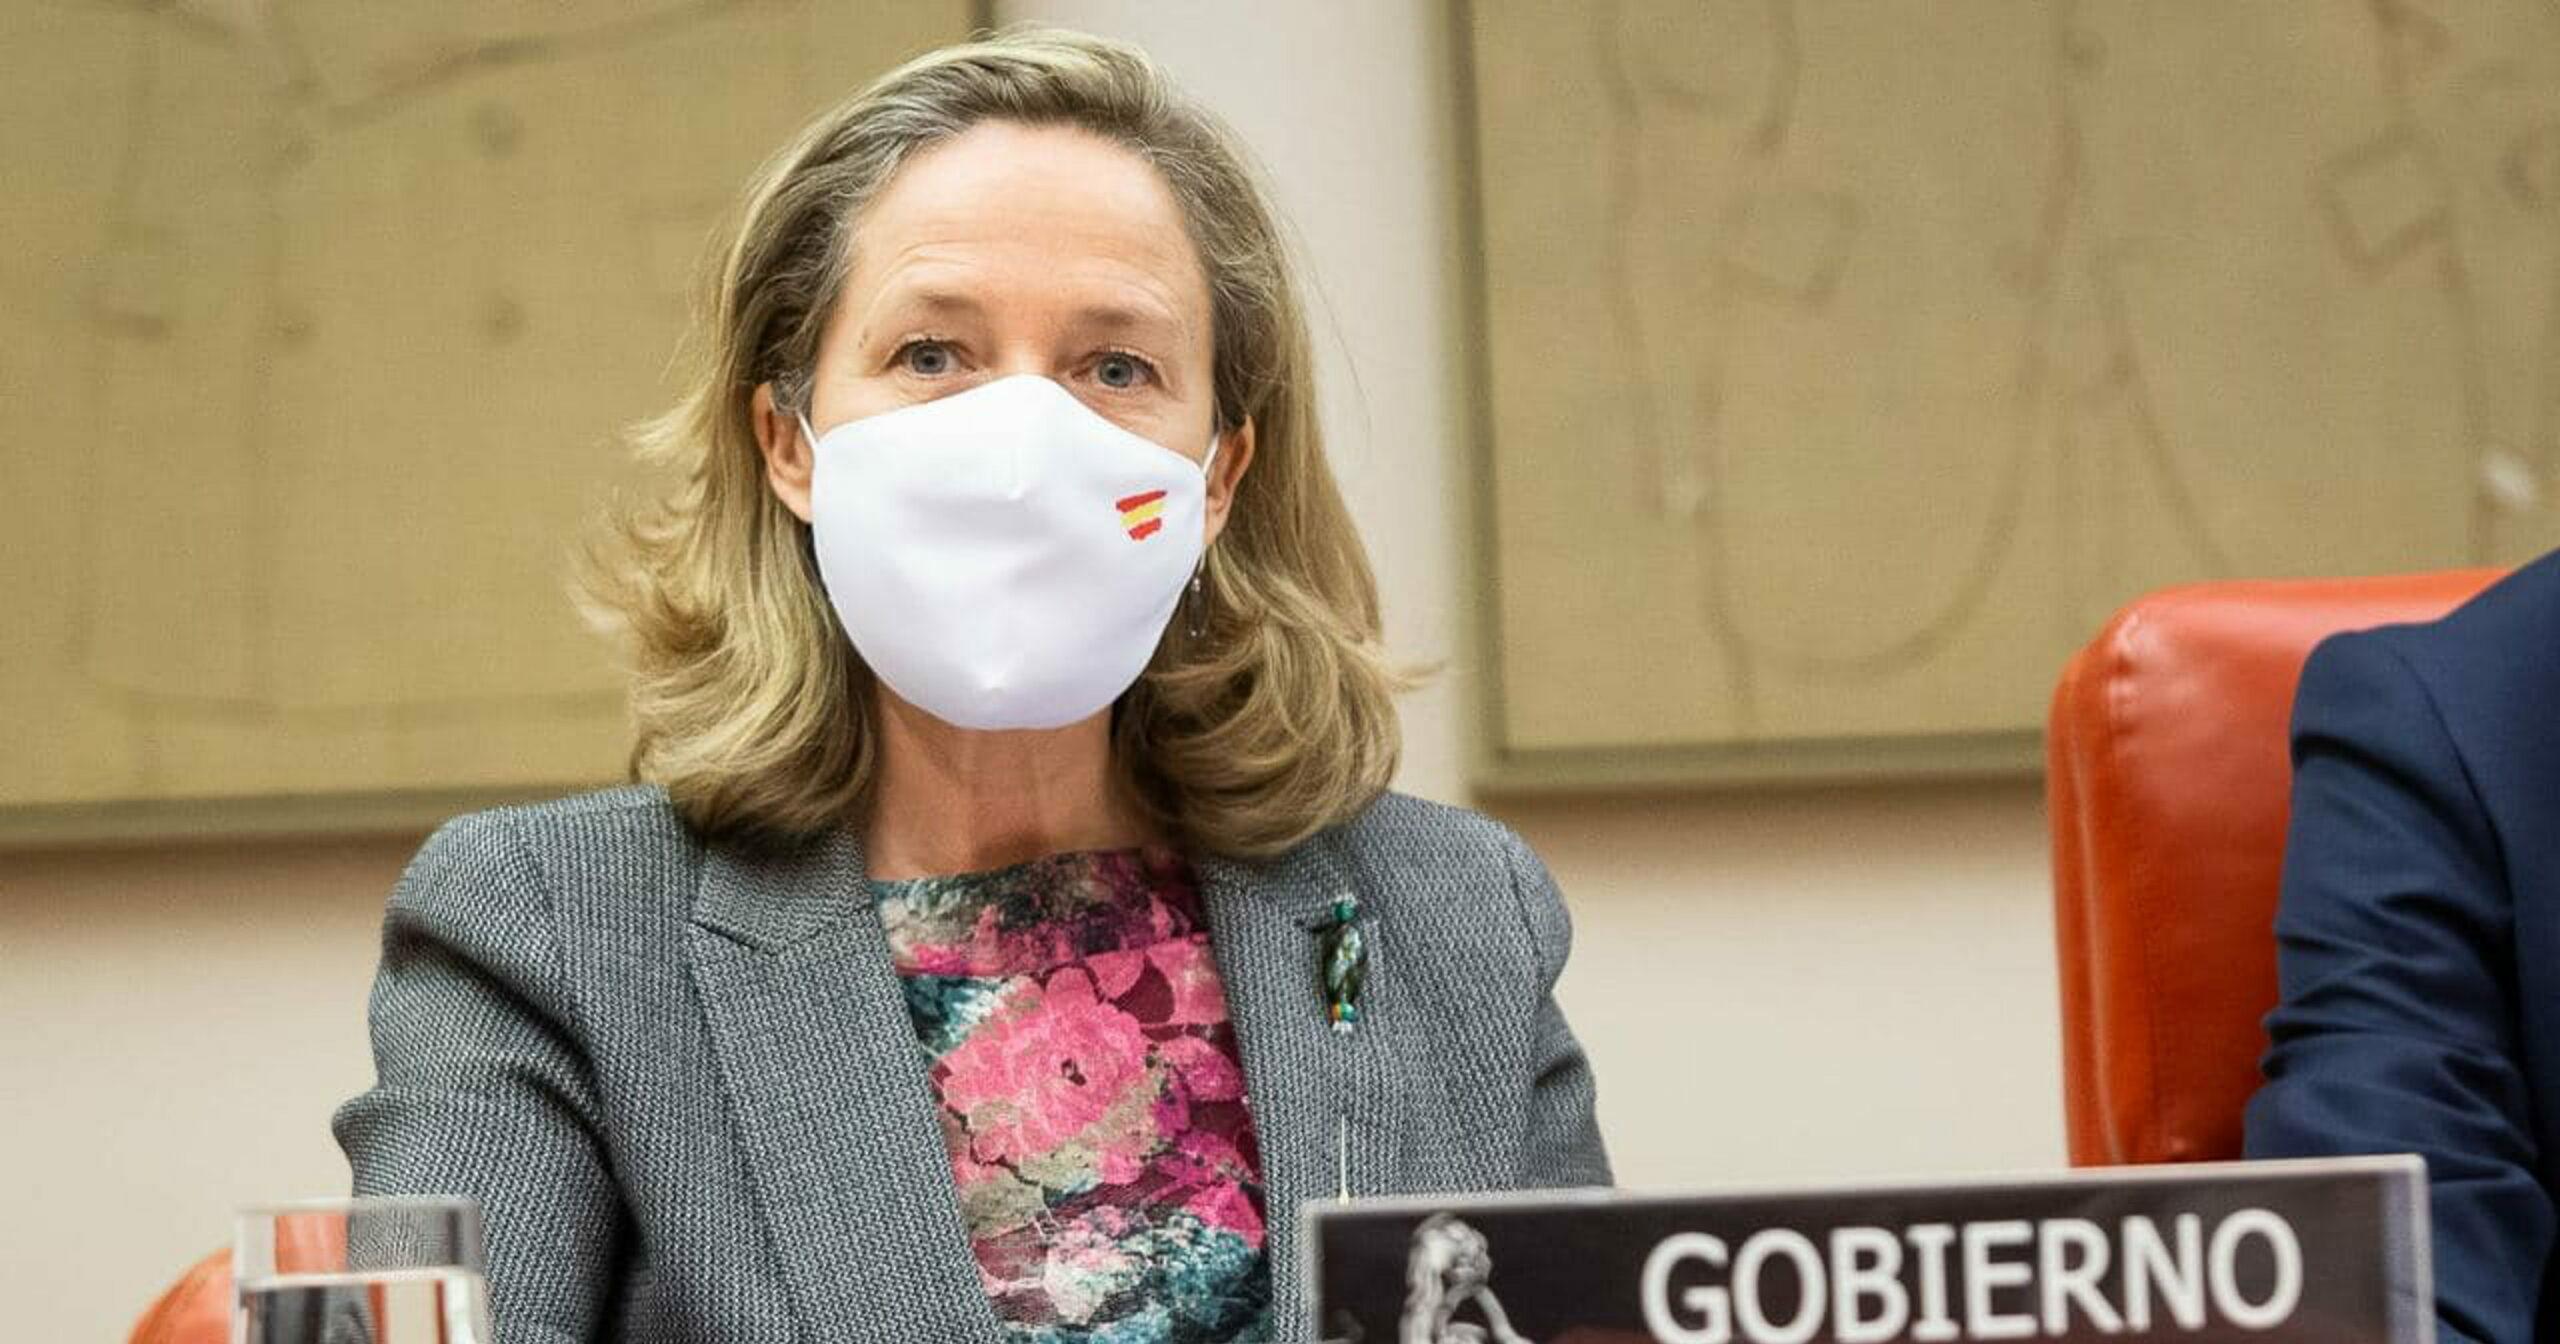 La vicepresidenta tercera del govern espanyol, Nadia Calviño